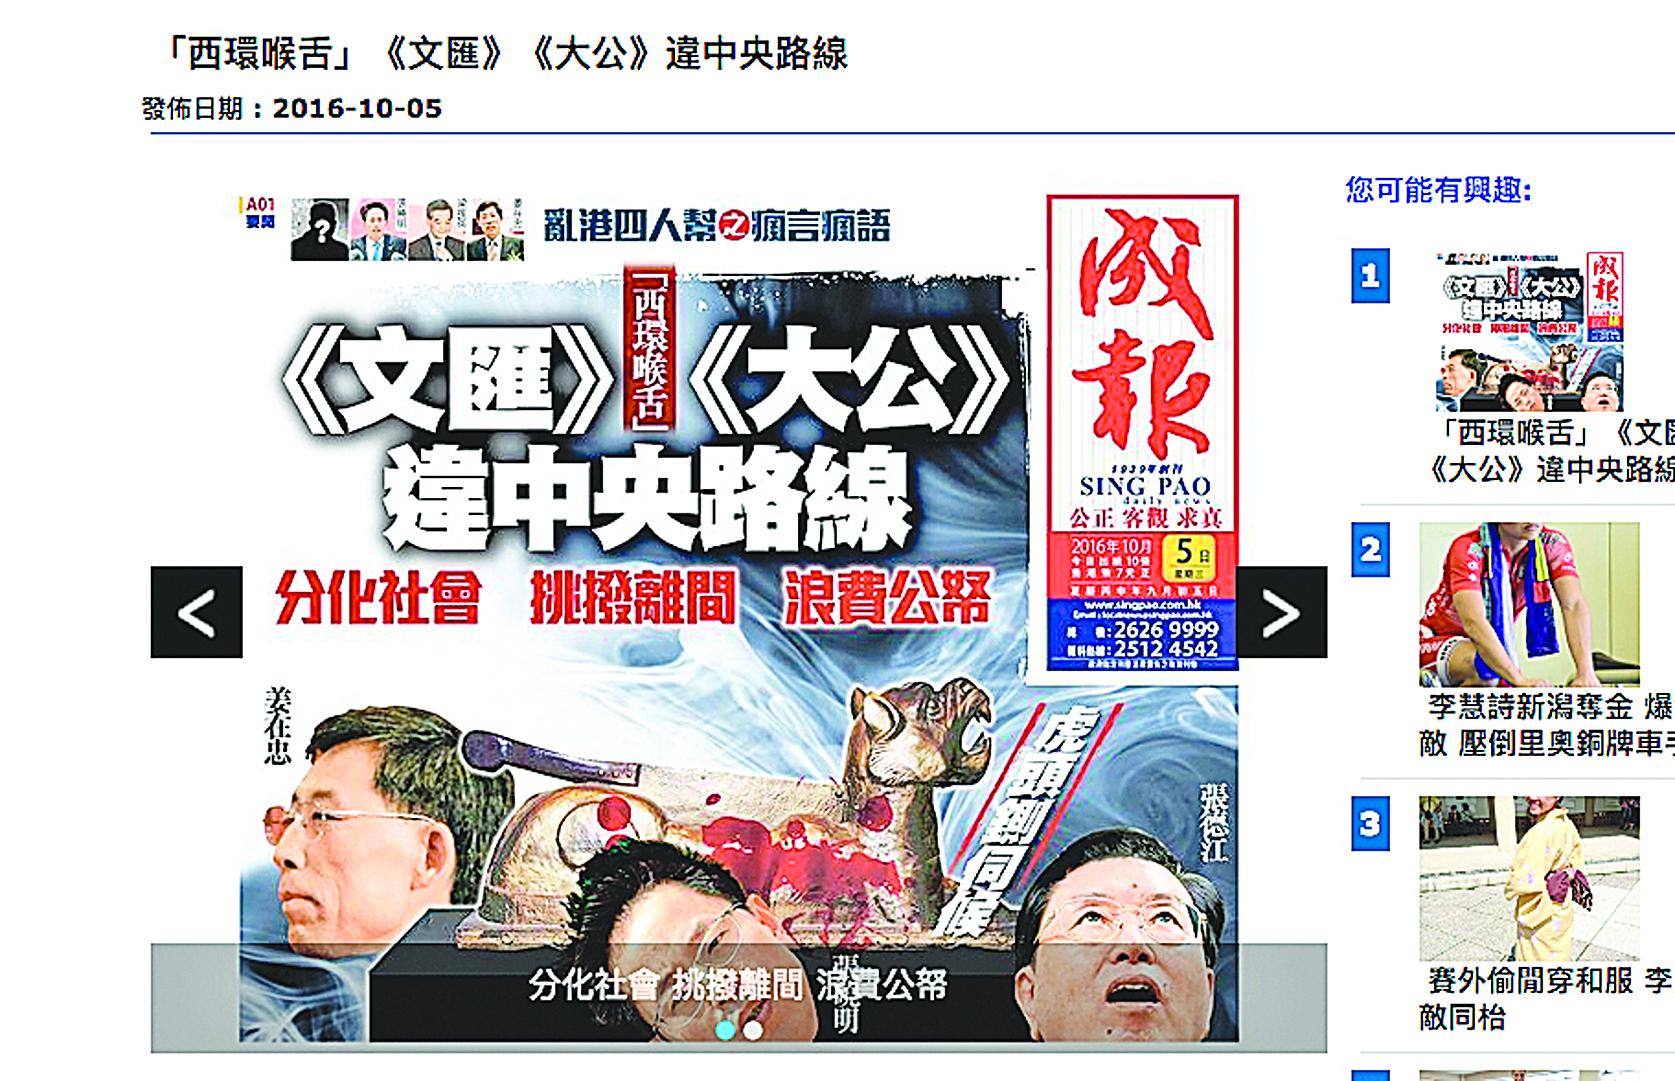 香港《成報》10月5日再發書面評論文章,抨擊香港《大公報》《文匯報》,指它們是中聯辦的喉舌,發表分化香港社會言論、製造敵人,違反中央路線。(網絡截圖)